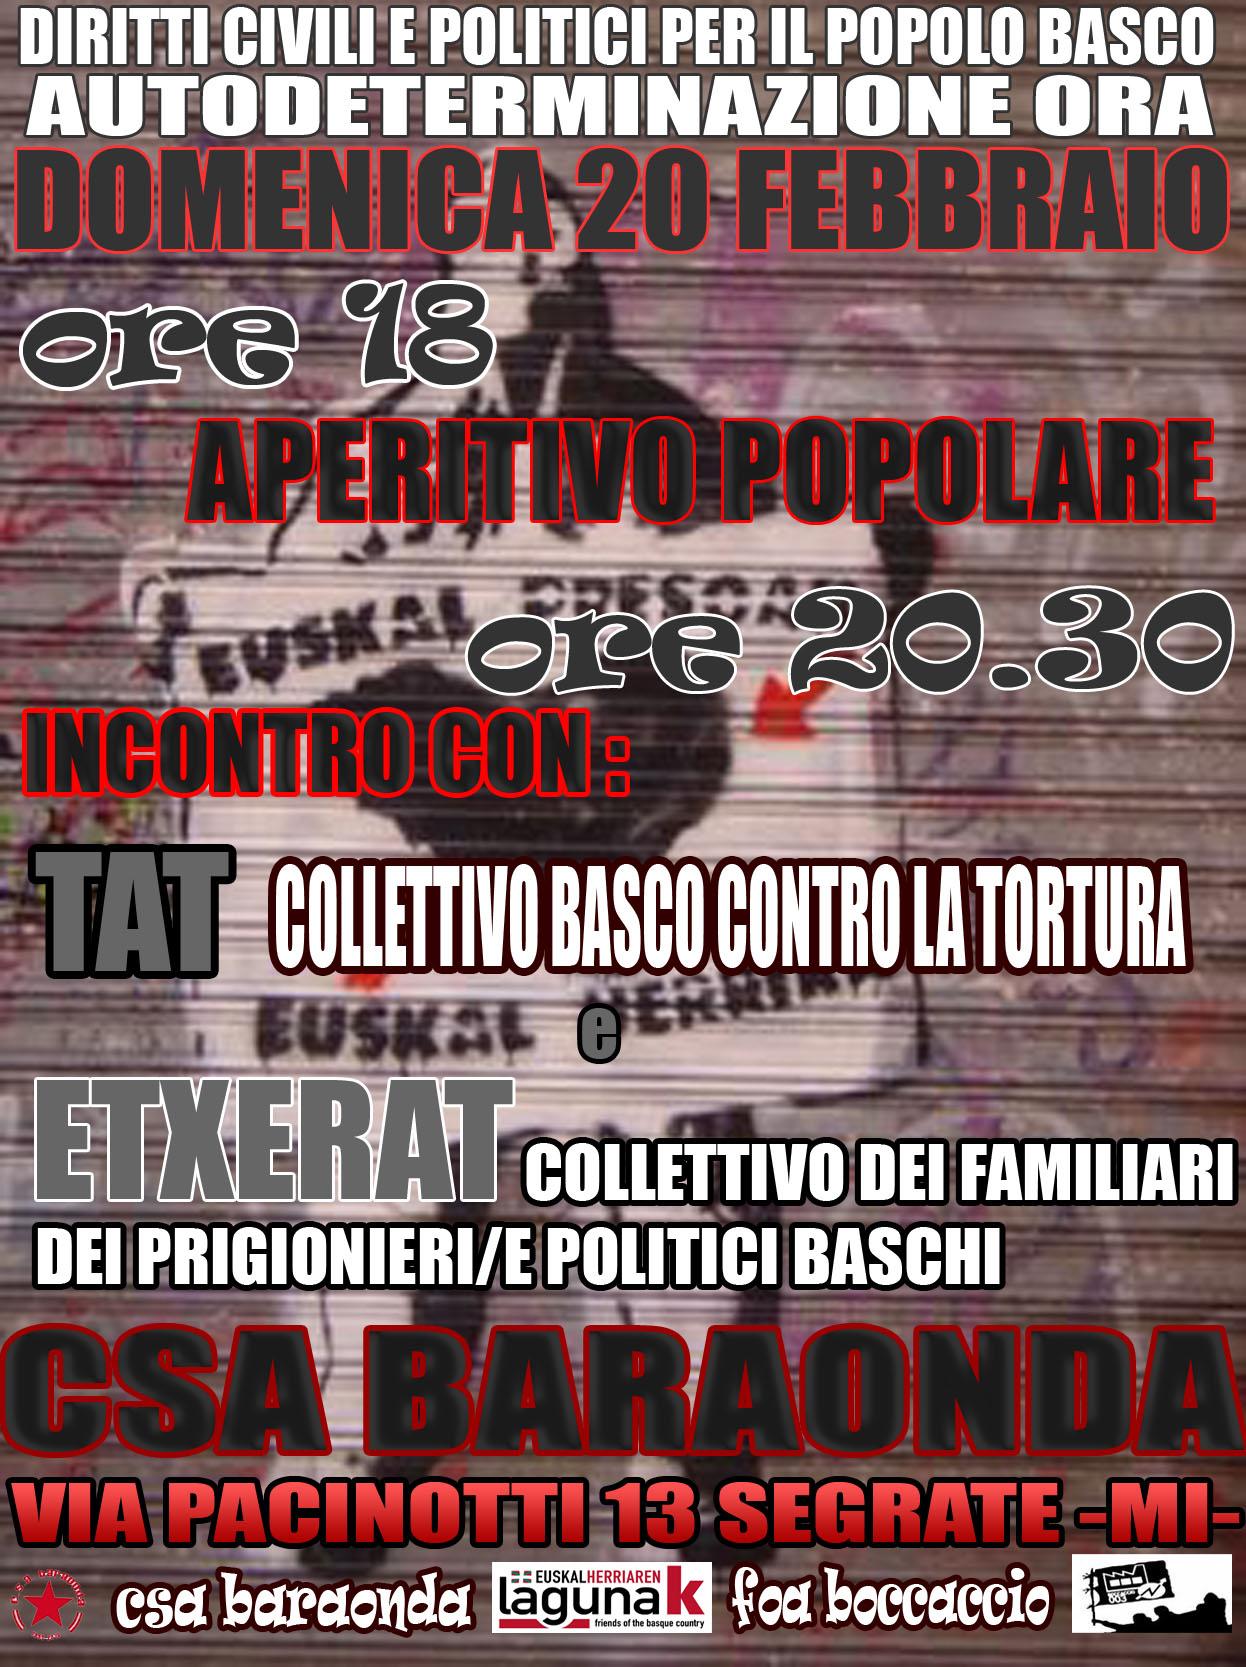 2011_02_20_popolo_basco